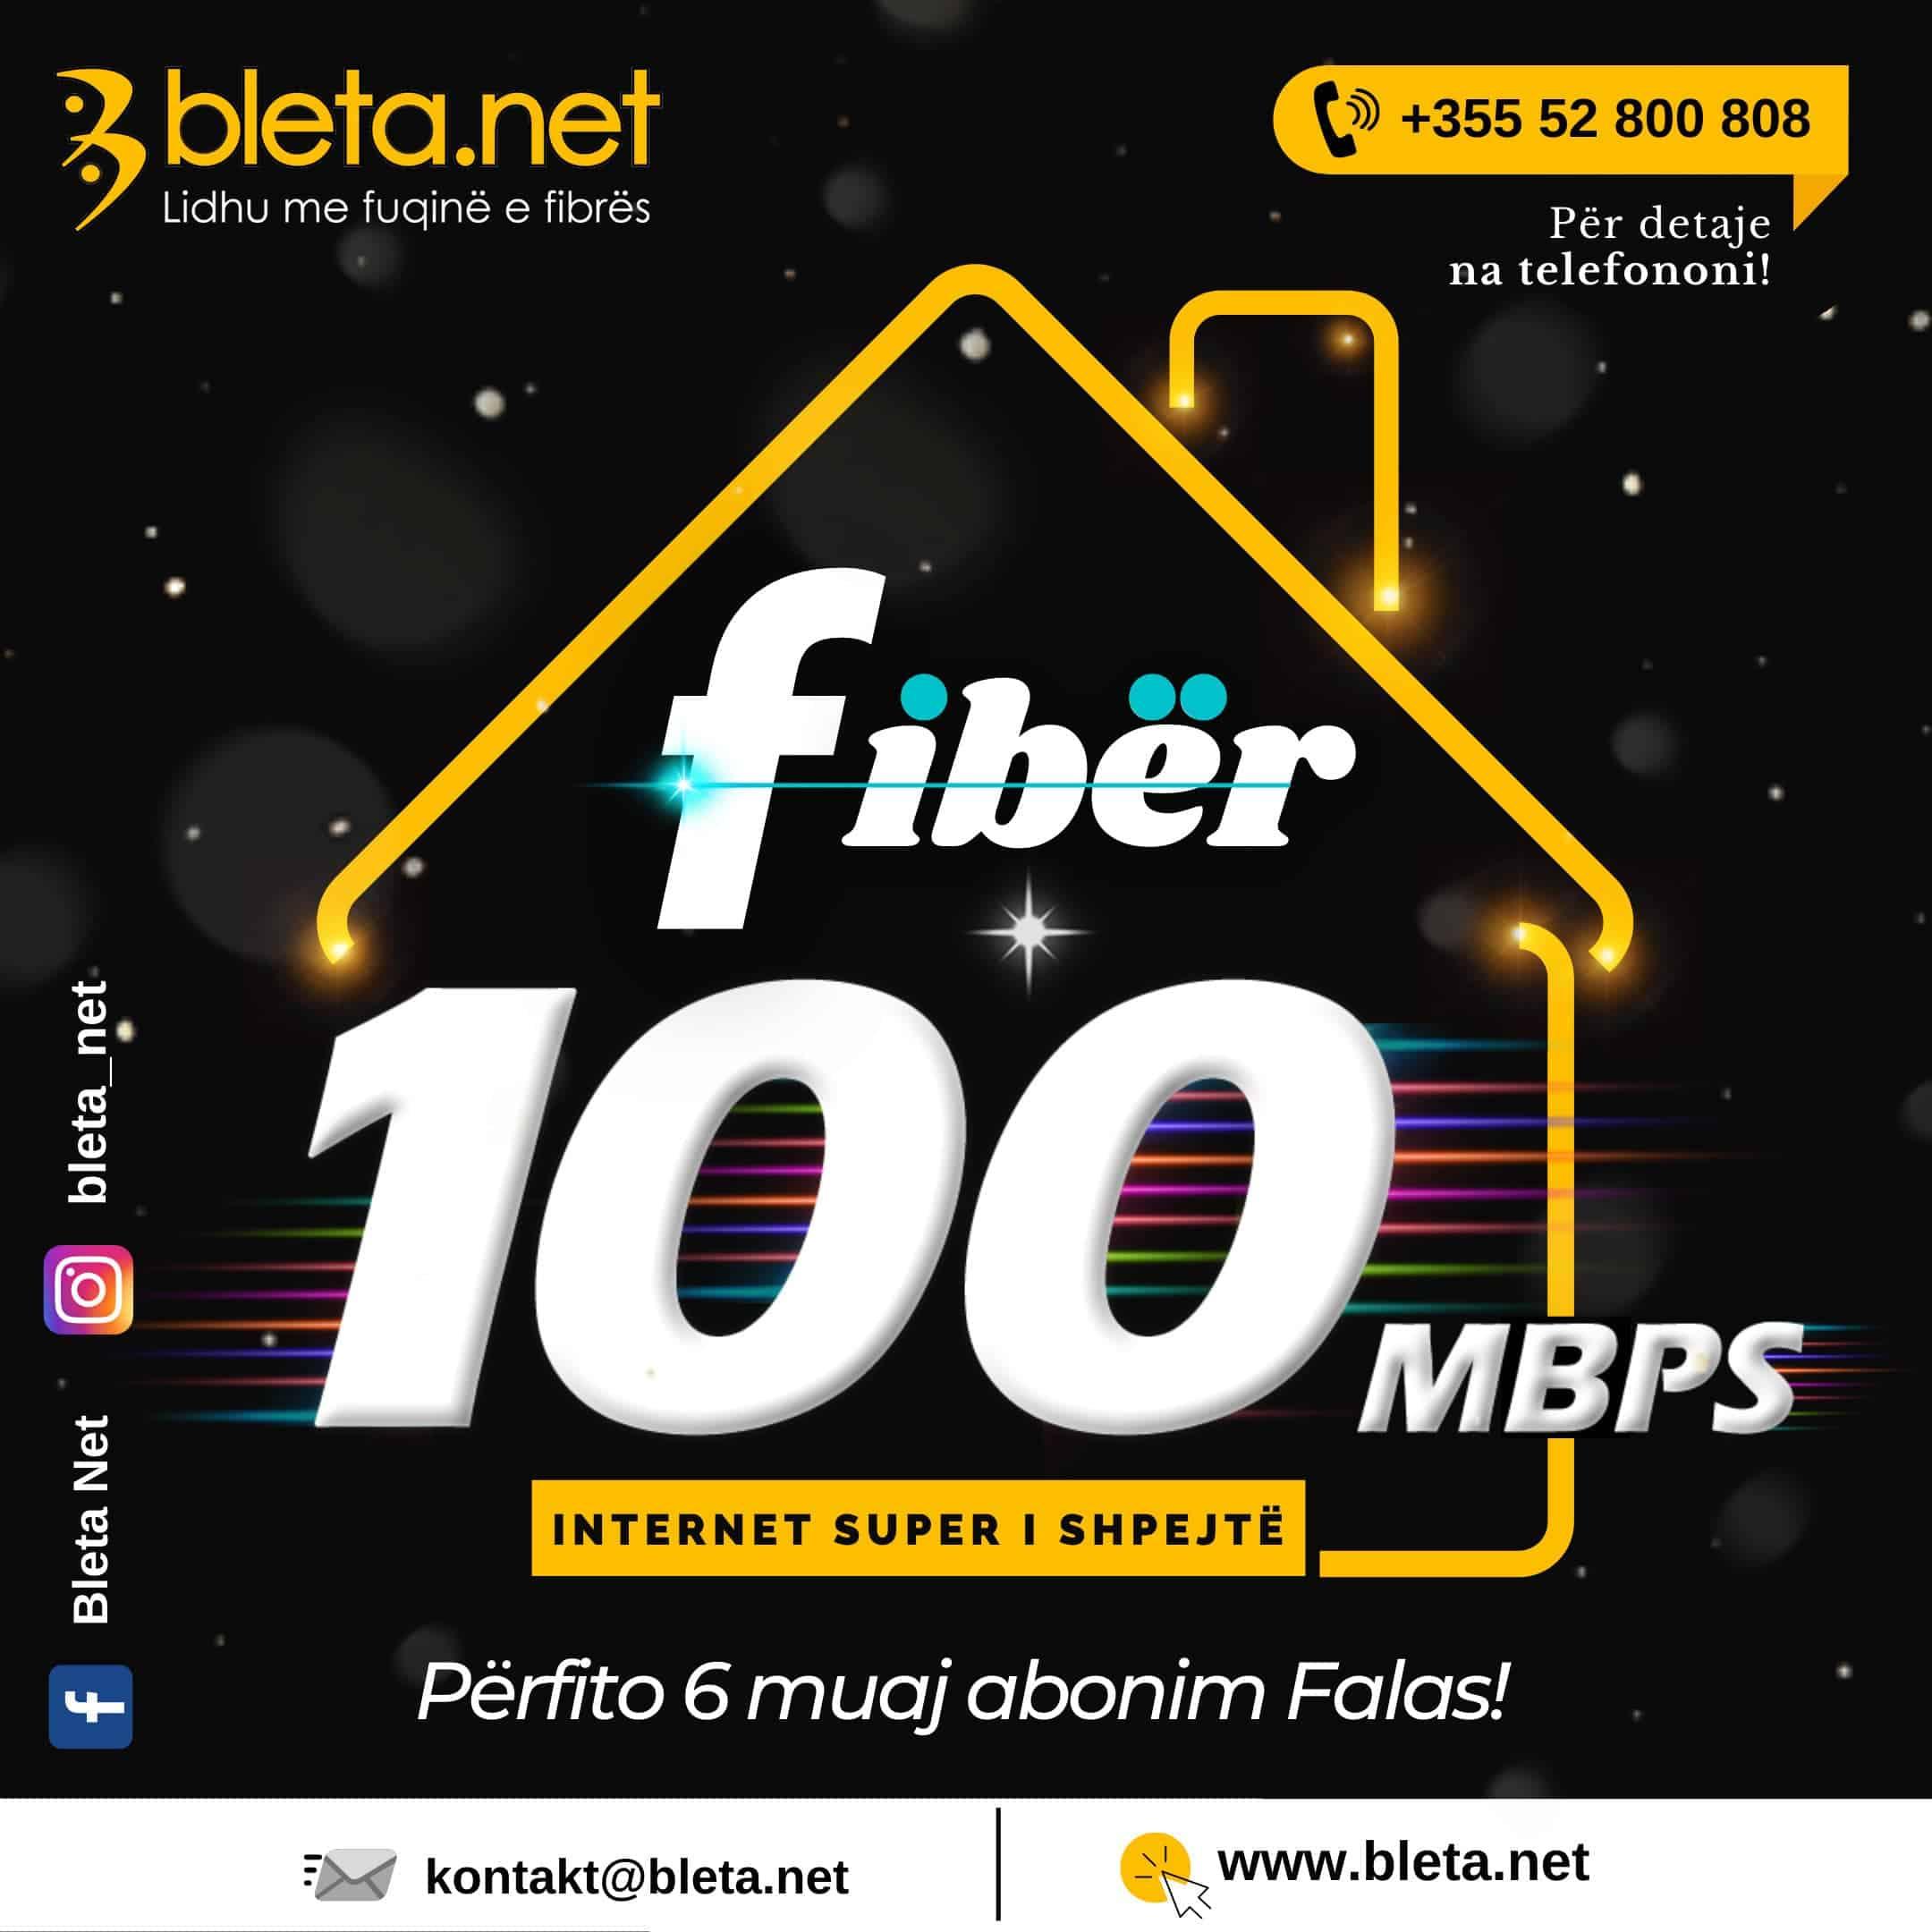 Me shume shpejtesi dhe me shume muaj FALAS ! 🎉 Super Oferta : Internet 100 Mbps - paguaj 6 muaj dhe perfito 6 muaj Falas!